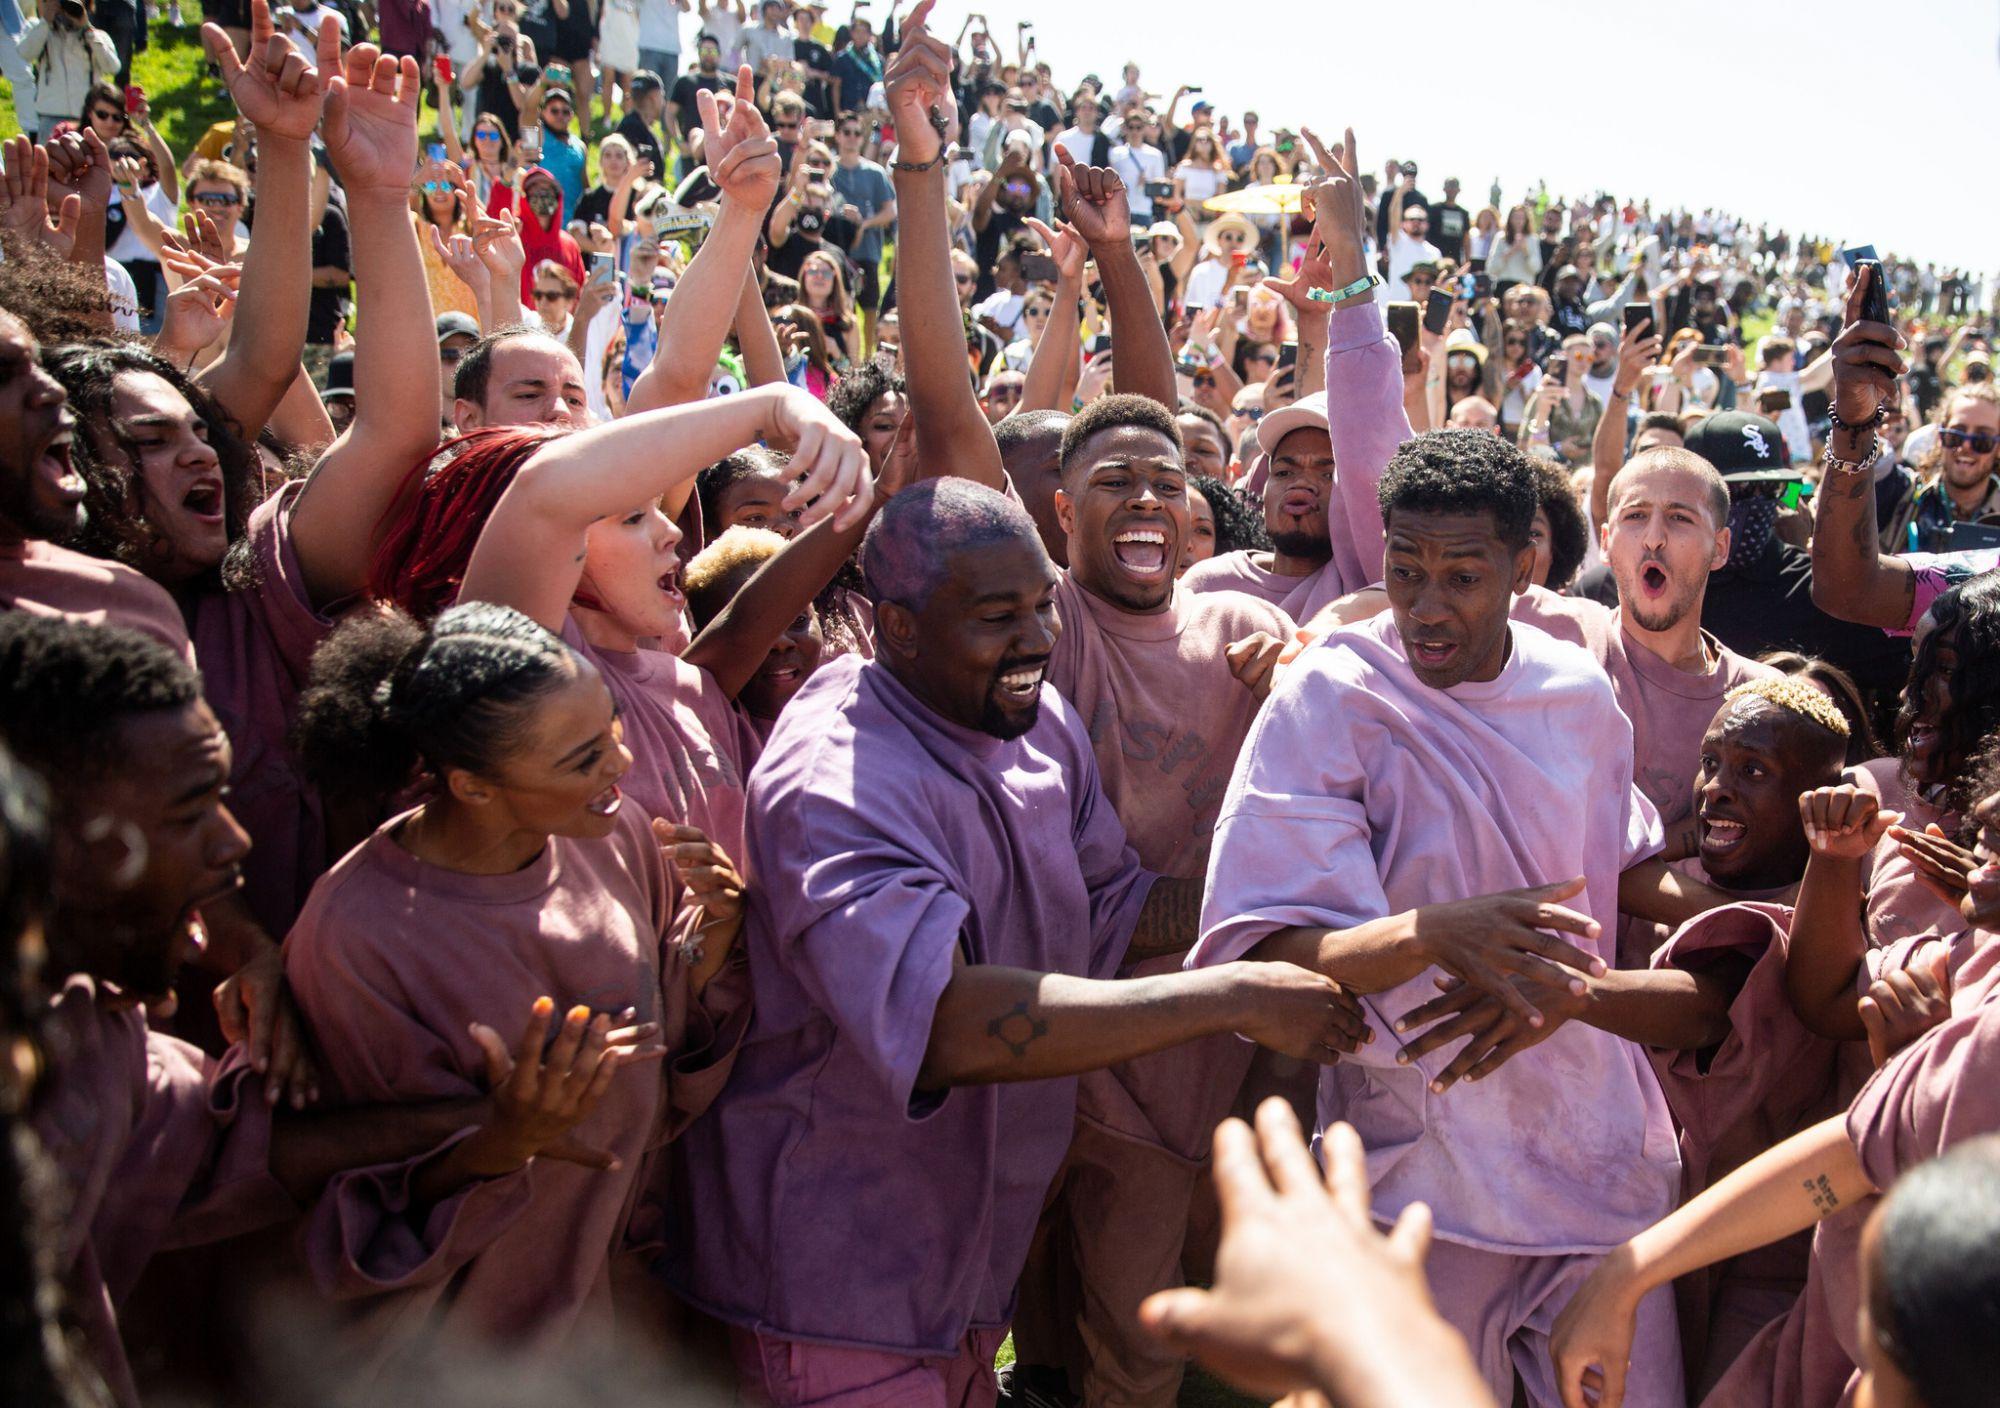 Le Sunday Service religieux de kanye West devrait devenir une marque de vpetement déposée